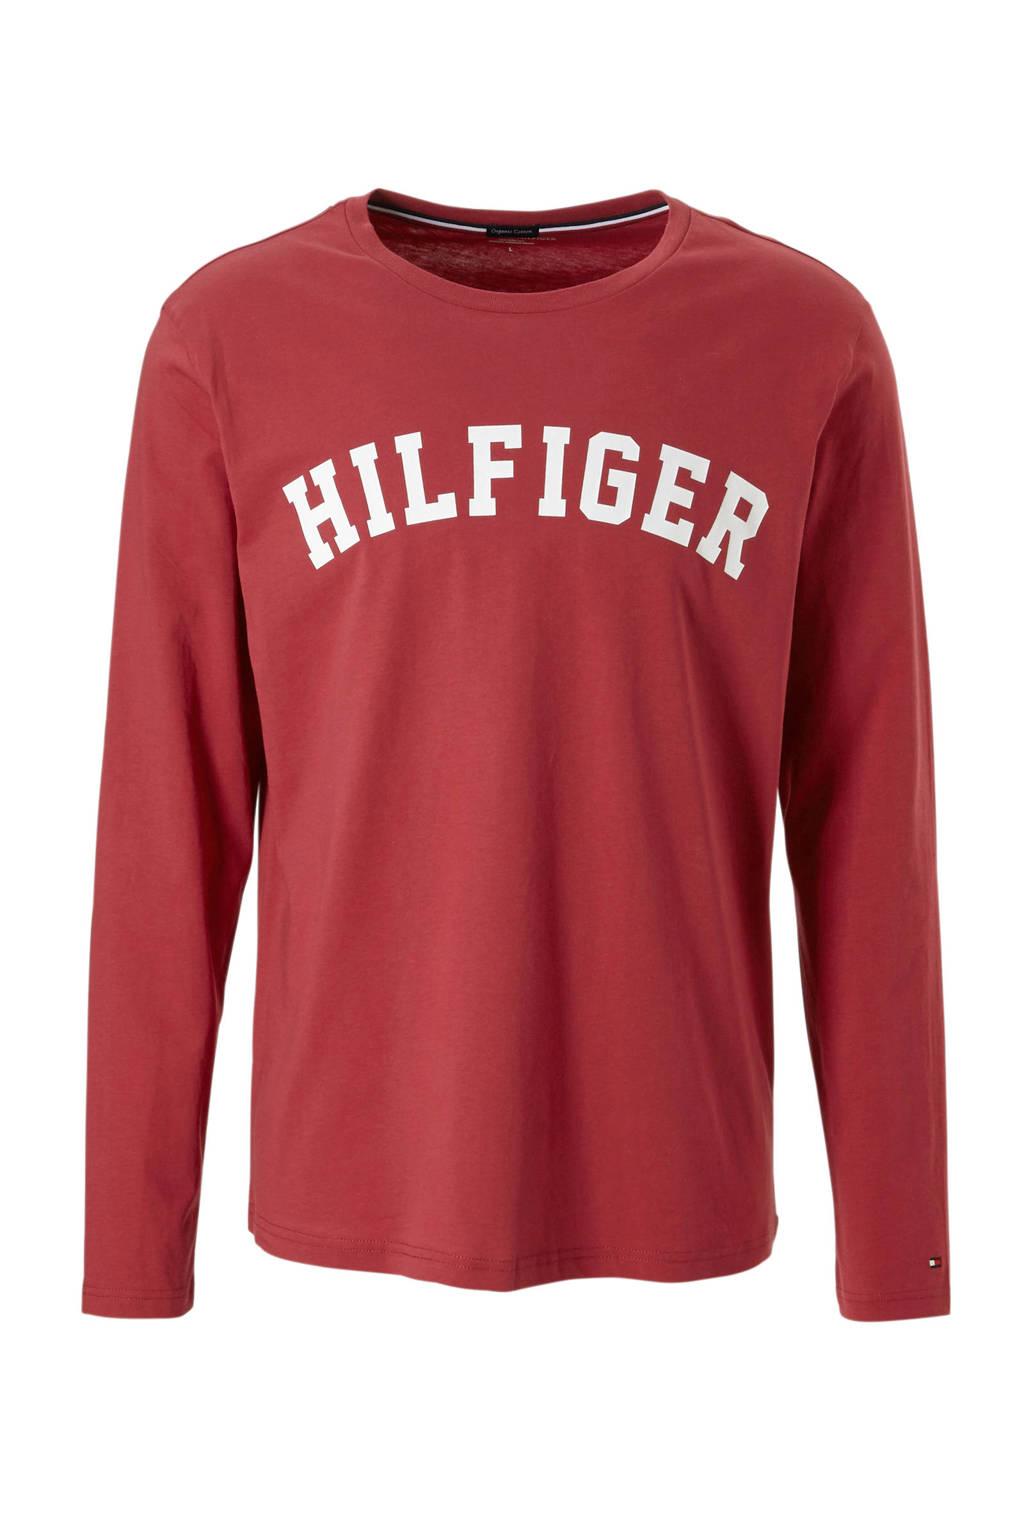 Tommy Hilfiger T-shirt met printopdruk rood, Rood/wit